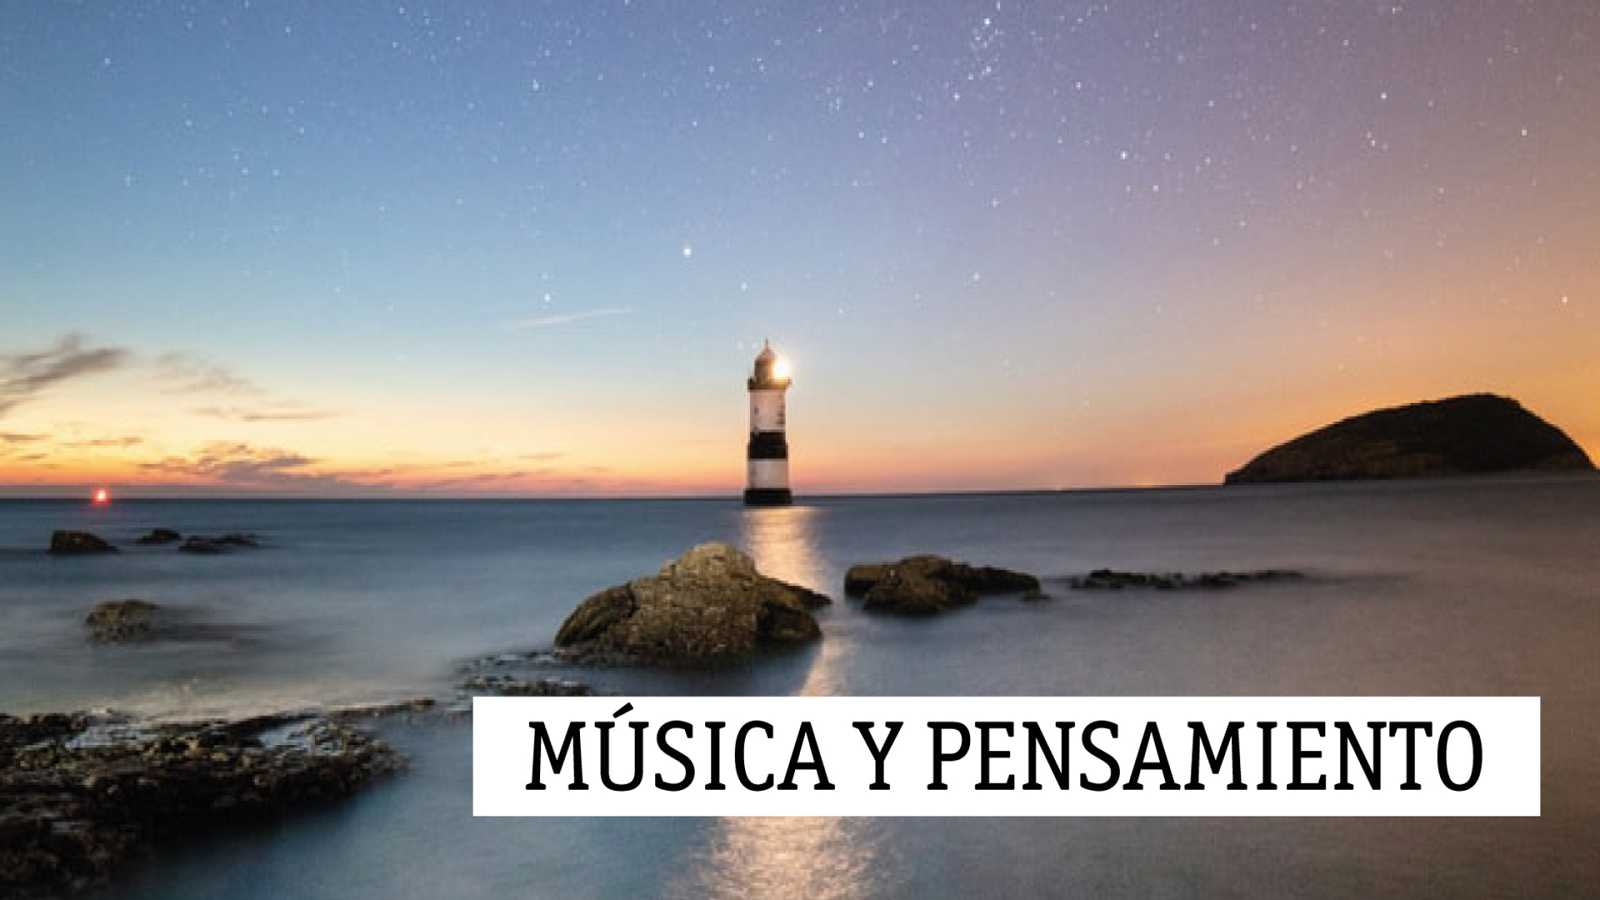 Música y pensamiento - Música e inspiración - 20/06/21 - escuchar ahora